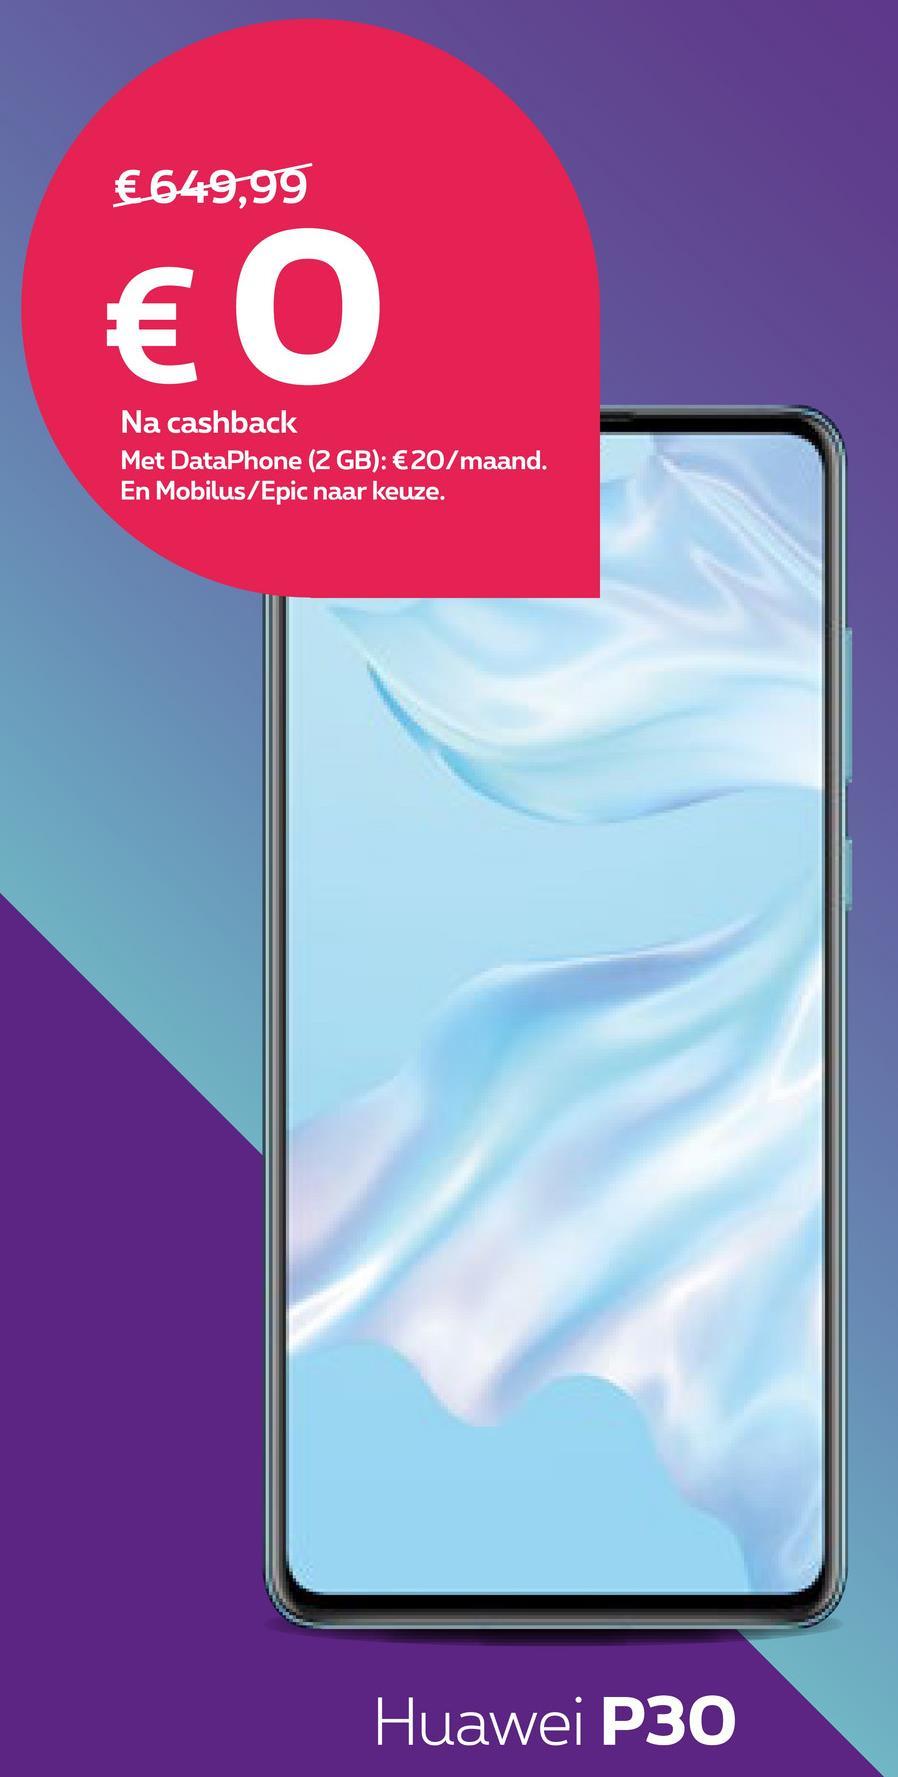 €649,99 € 0 Na cashback Met DataPhone (2 GB): € 20/maand. En Mobilus/Epic naar keuze. Huawei P30